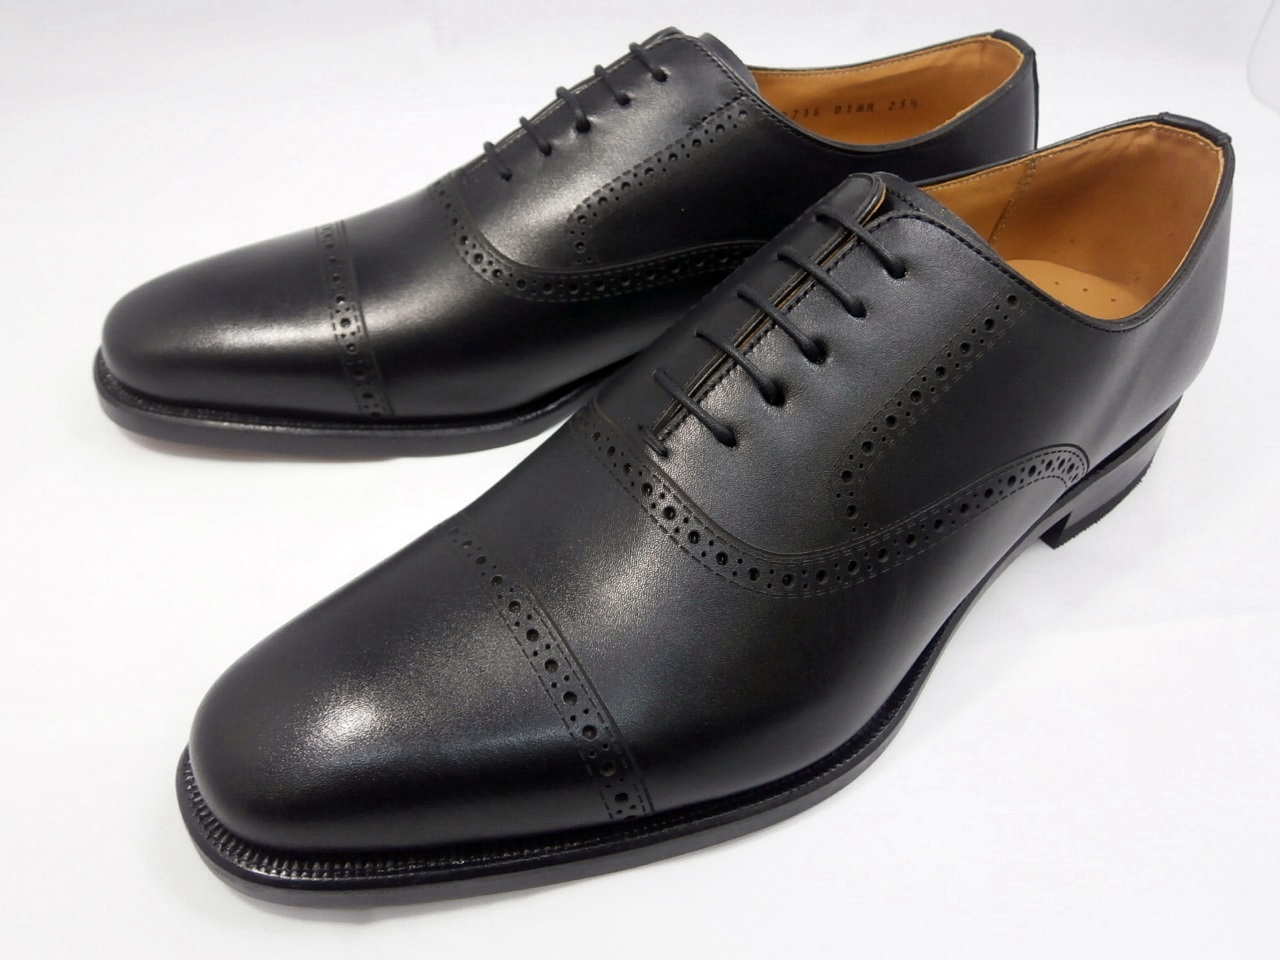 【現品24.5cm/即日発送】リーガル 靴 メンズ ホールカットストレートチップ ビジネスシューズ 01MR(ブラック)REGAL